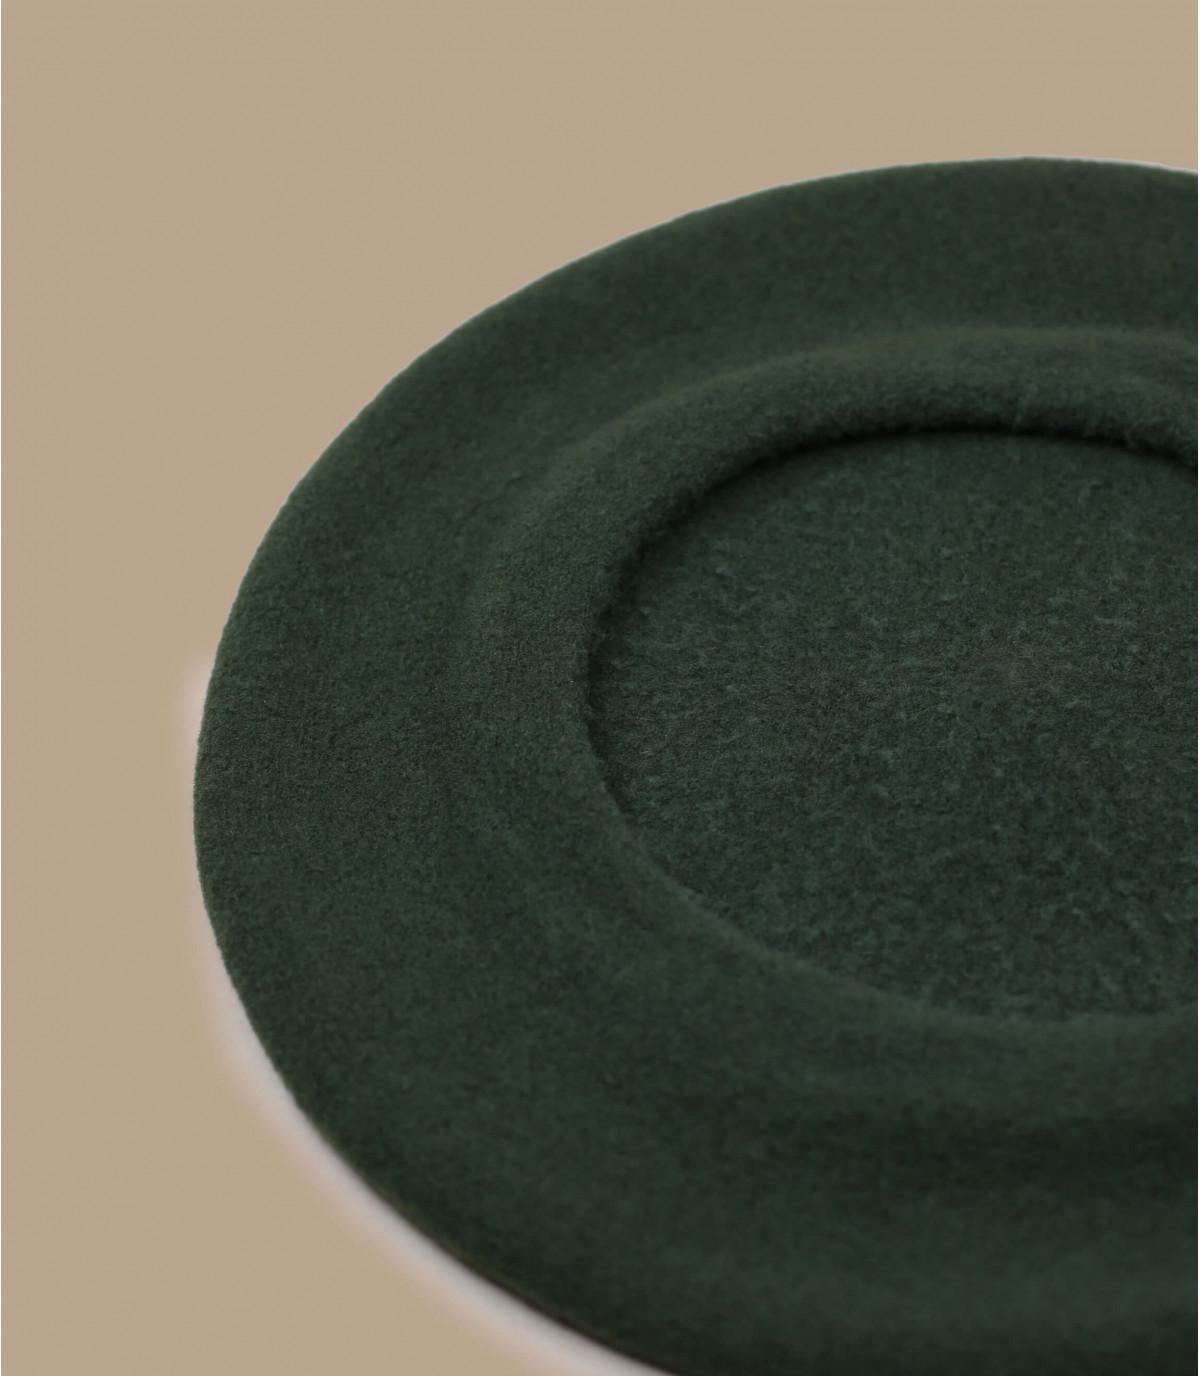 13e51173a6a435 Basque beret wool khaki green - Paris khaki by Héritage par Laulhère ...